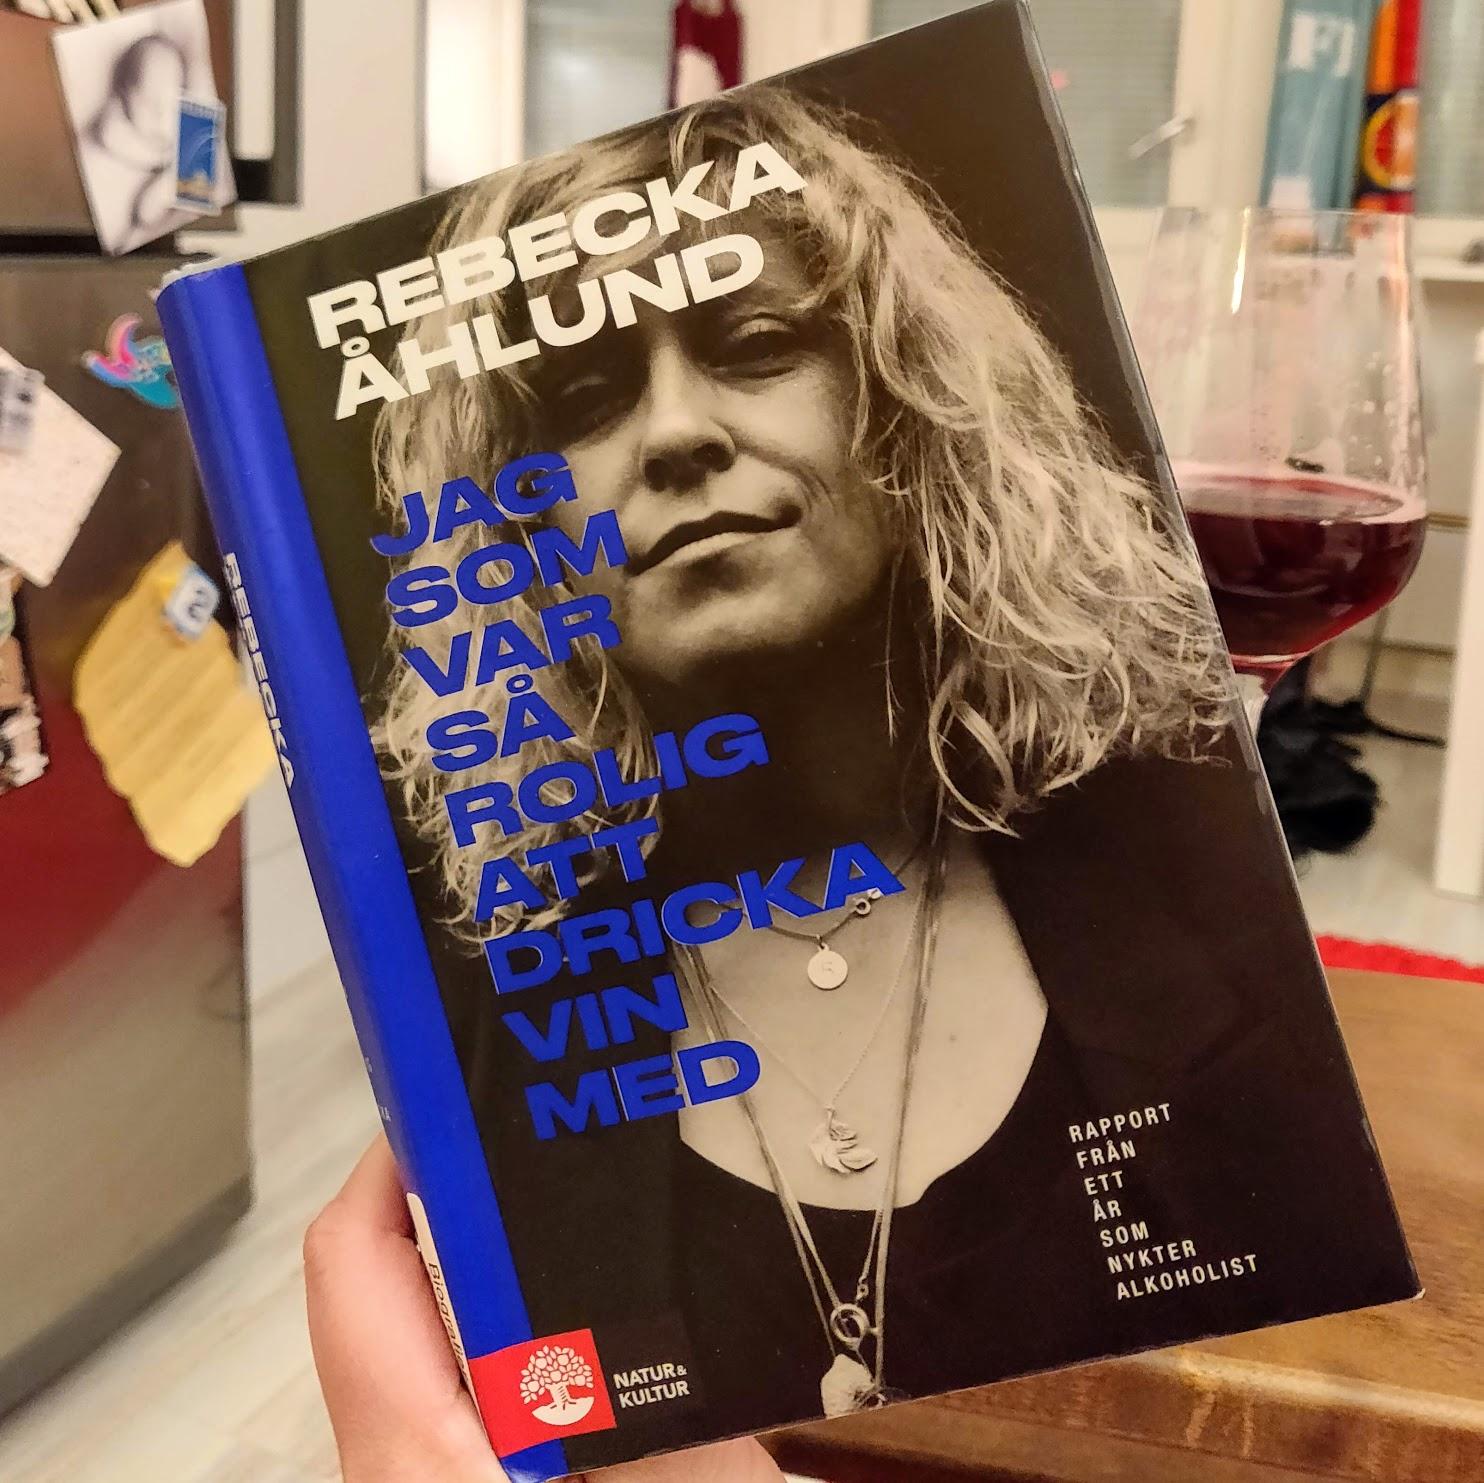 En bok om alkohol avnjuten tillsammans med saft.